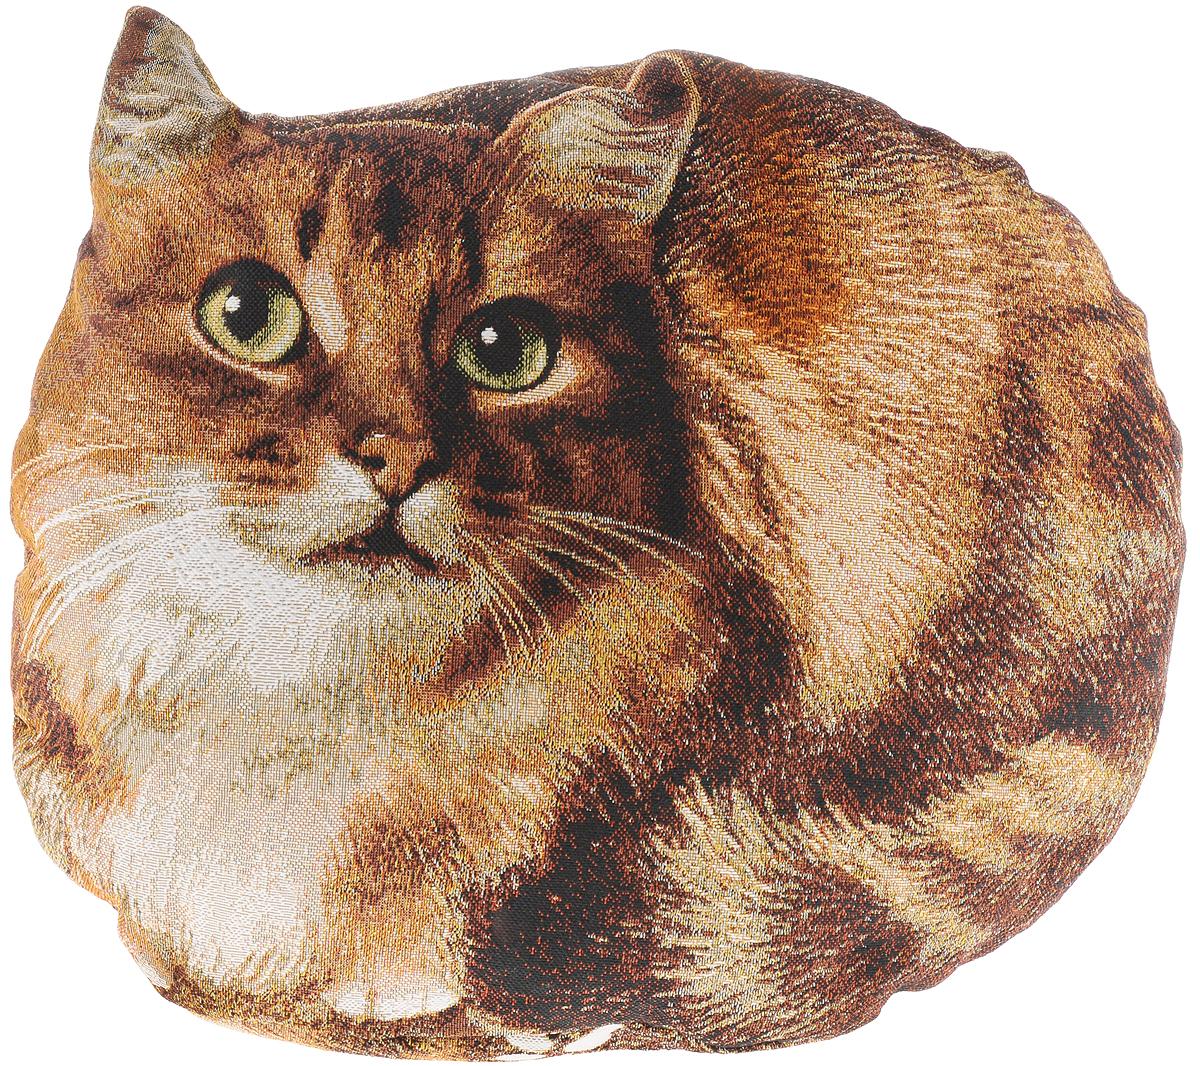 Подушка декоративная Рапира Пушок, 40 х 30 см4635Декоративная подушка Рапира Пушок прекрасно дополнит интерьер спальни или гостиной. Она выполнена в форме кошки. Чехол подушки изготовлен с гобеленовой фотопечатью из 50% хлопка и 50% полиэфира. Внутри - мягкий наполнитель из холлофайбера. Чехол не снимается. Красивая подушка создаст атмосферу уюта и комфорта в спальне и станет прекрасным элементом декора.